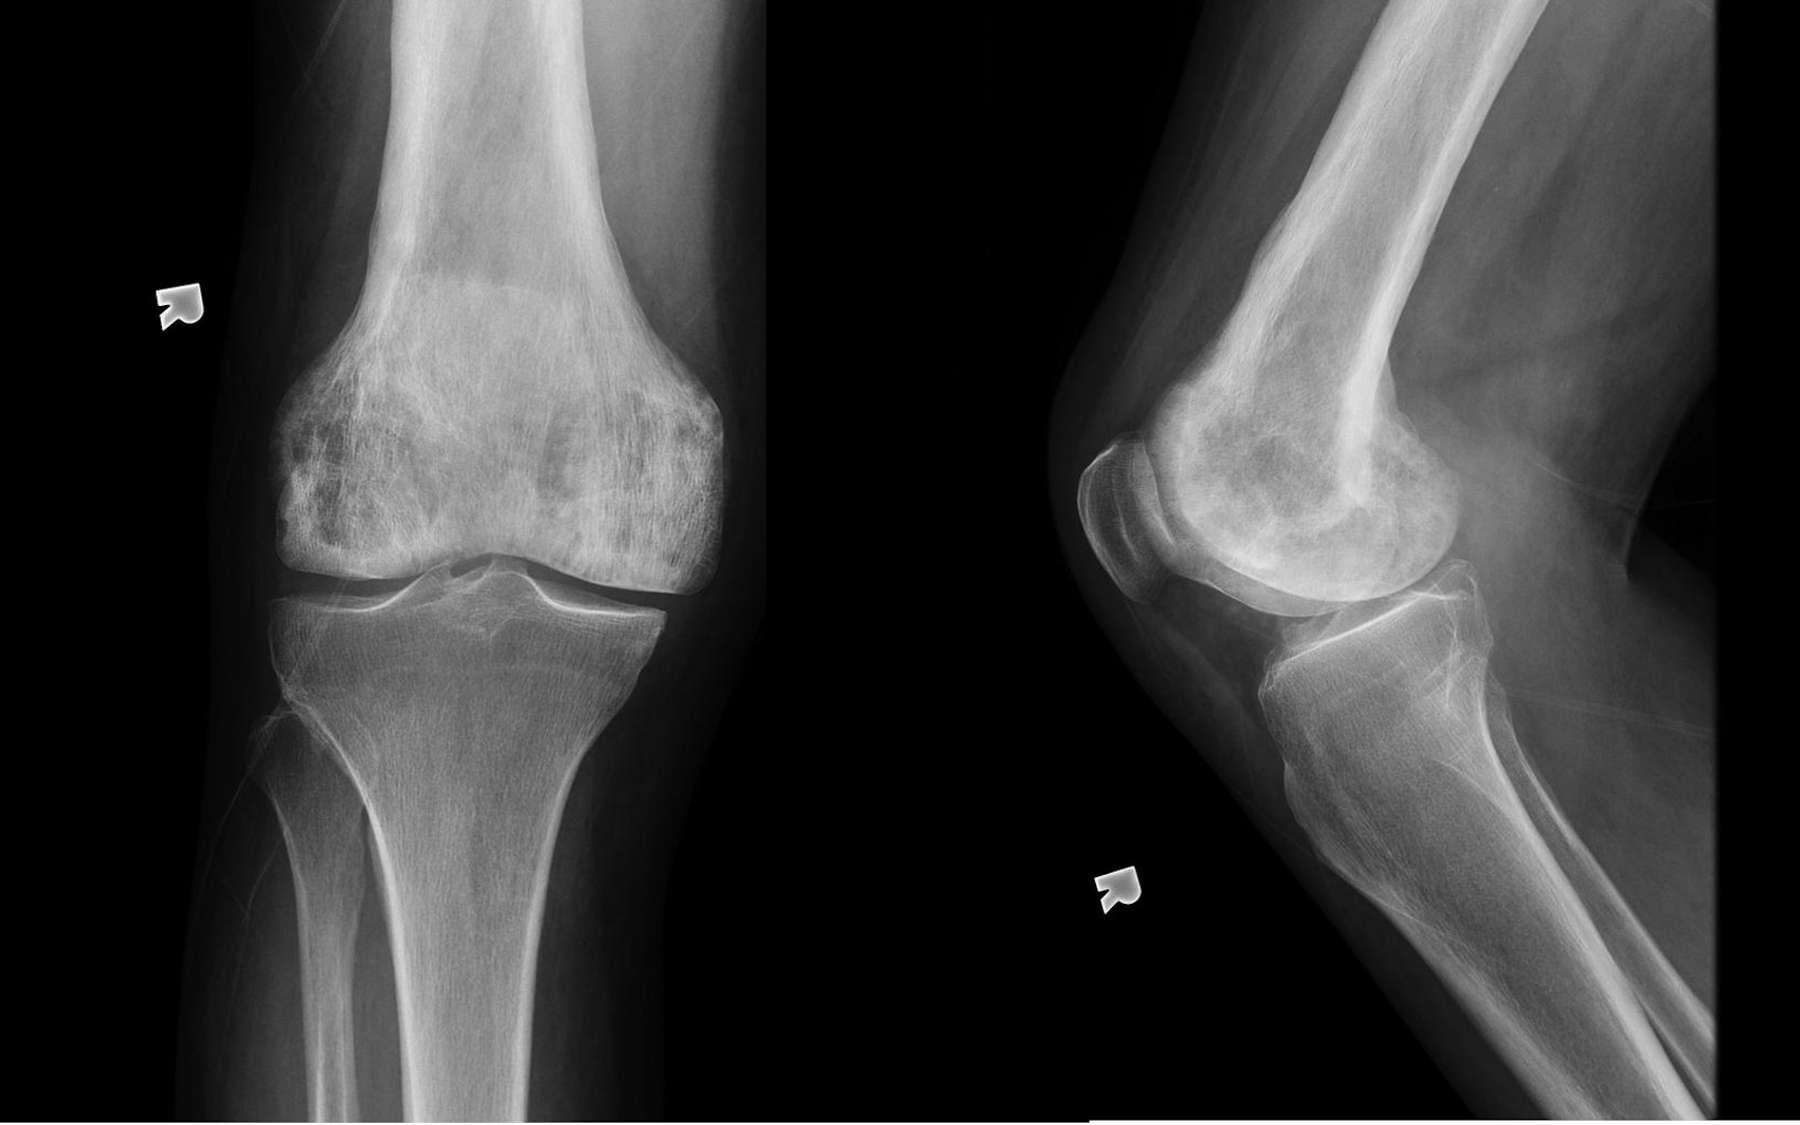 La maladie de Paget se manifeste par des déformations osseuses. © A.Prof Frank Gaillard, Radiopaedia